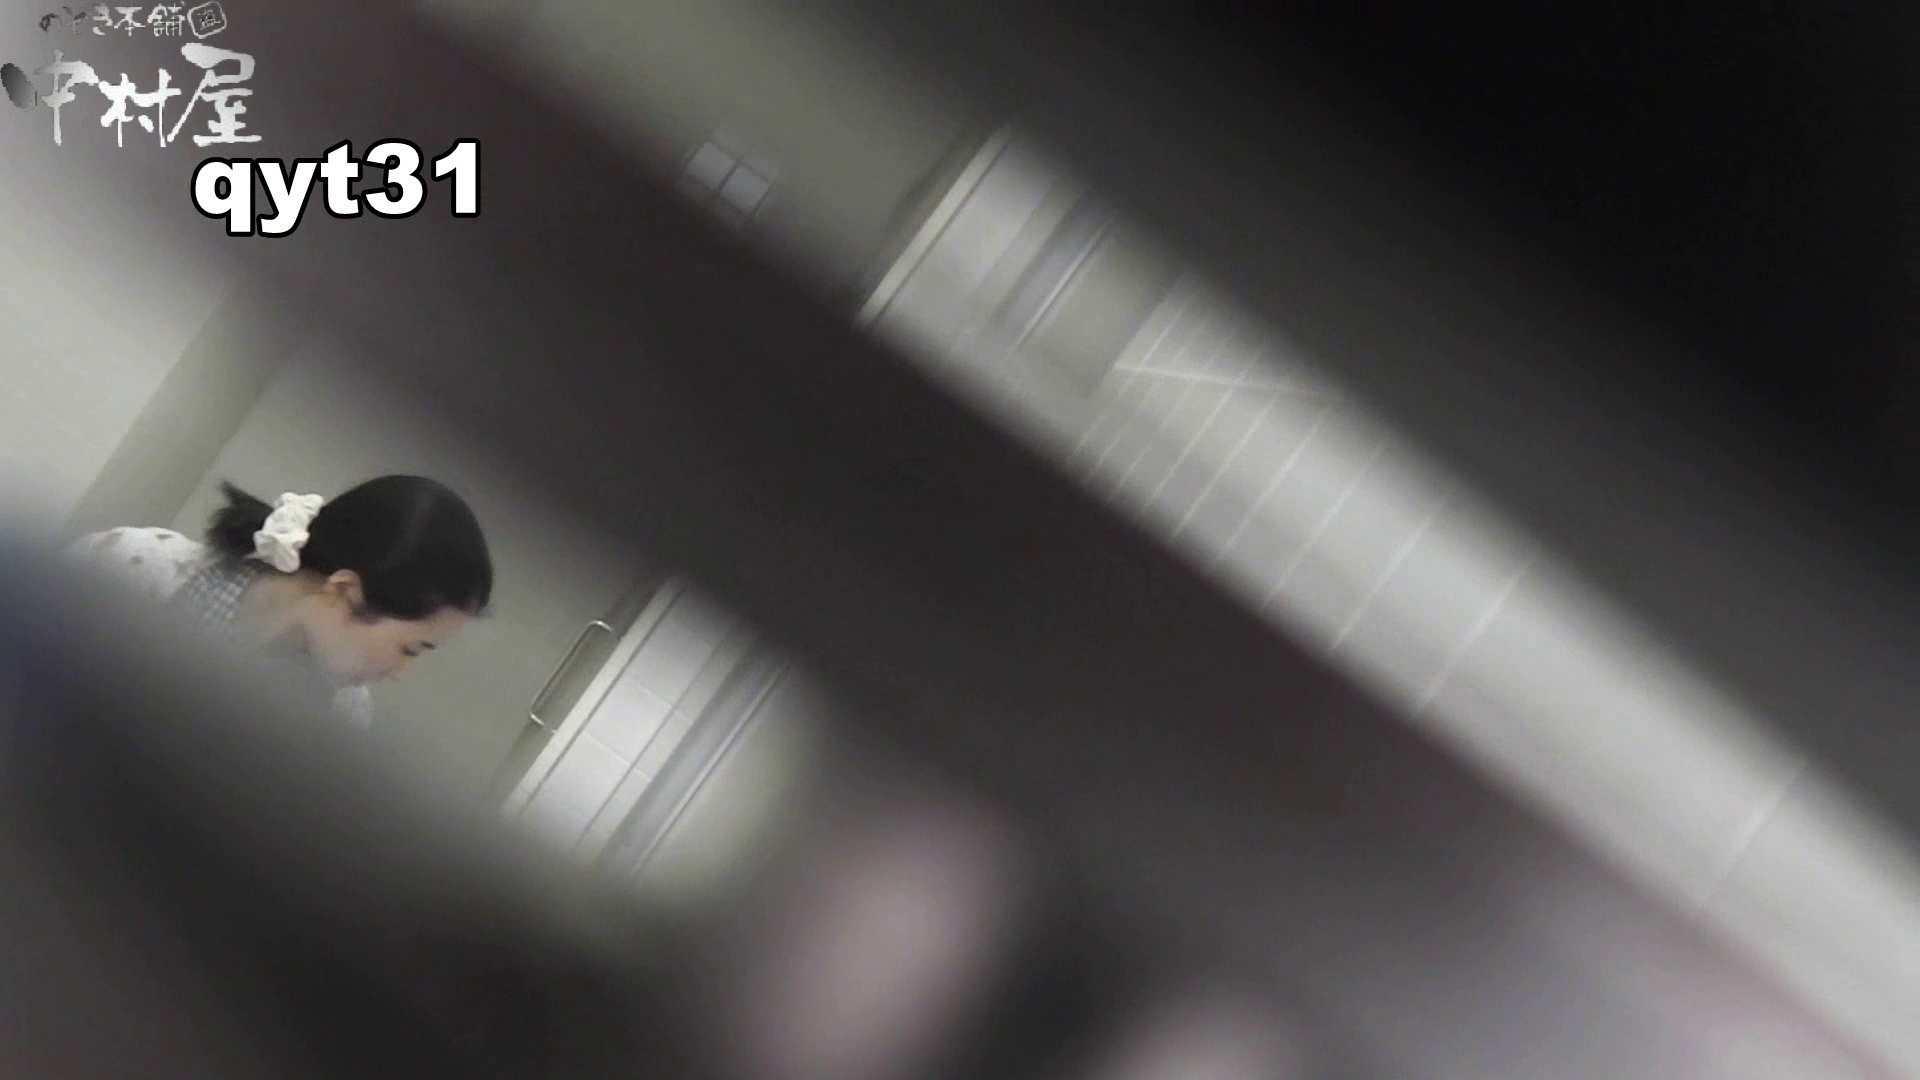 【お銀さんの「洗面所突入レポート!!」】お銀さんの「洗面所突入レポート!!」 vol.31 Σ(||゚Д゚)ヒィ~!! OLセックス | 洗面所  66画像 21